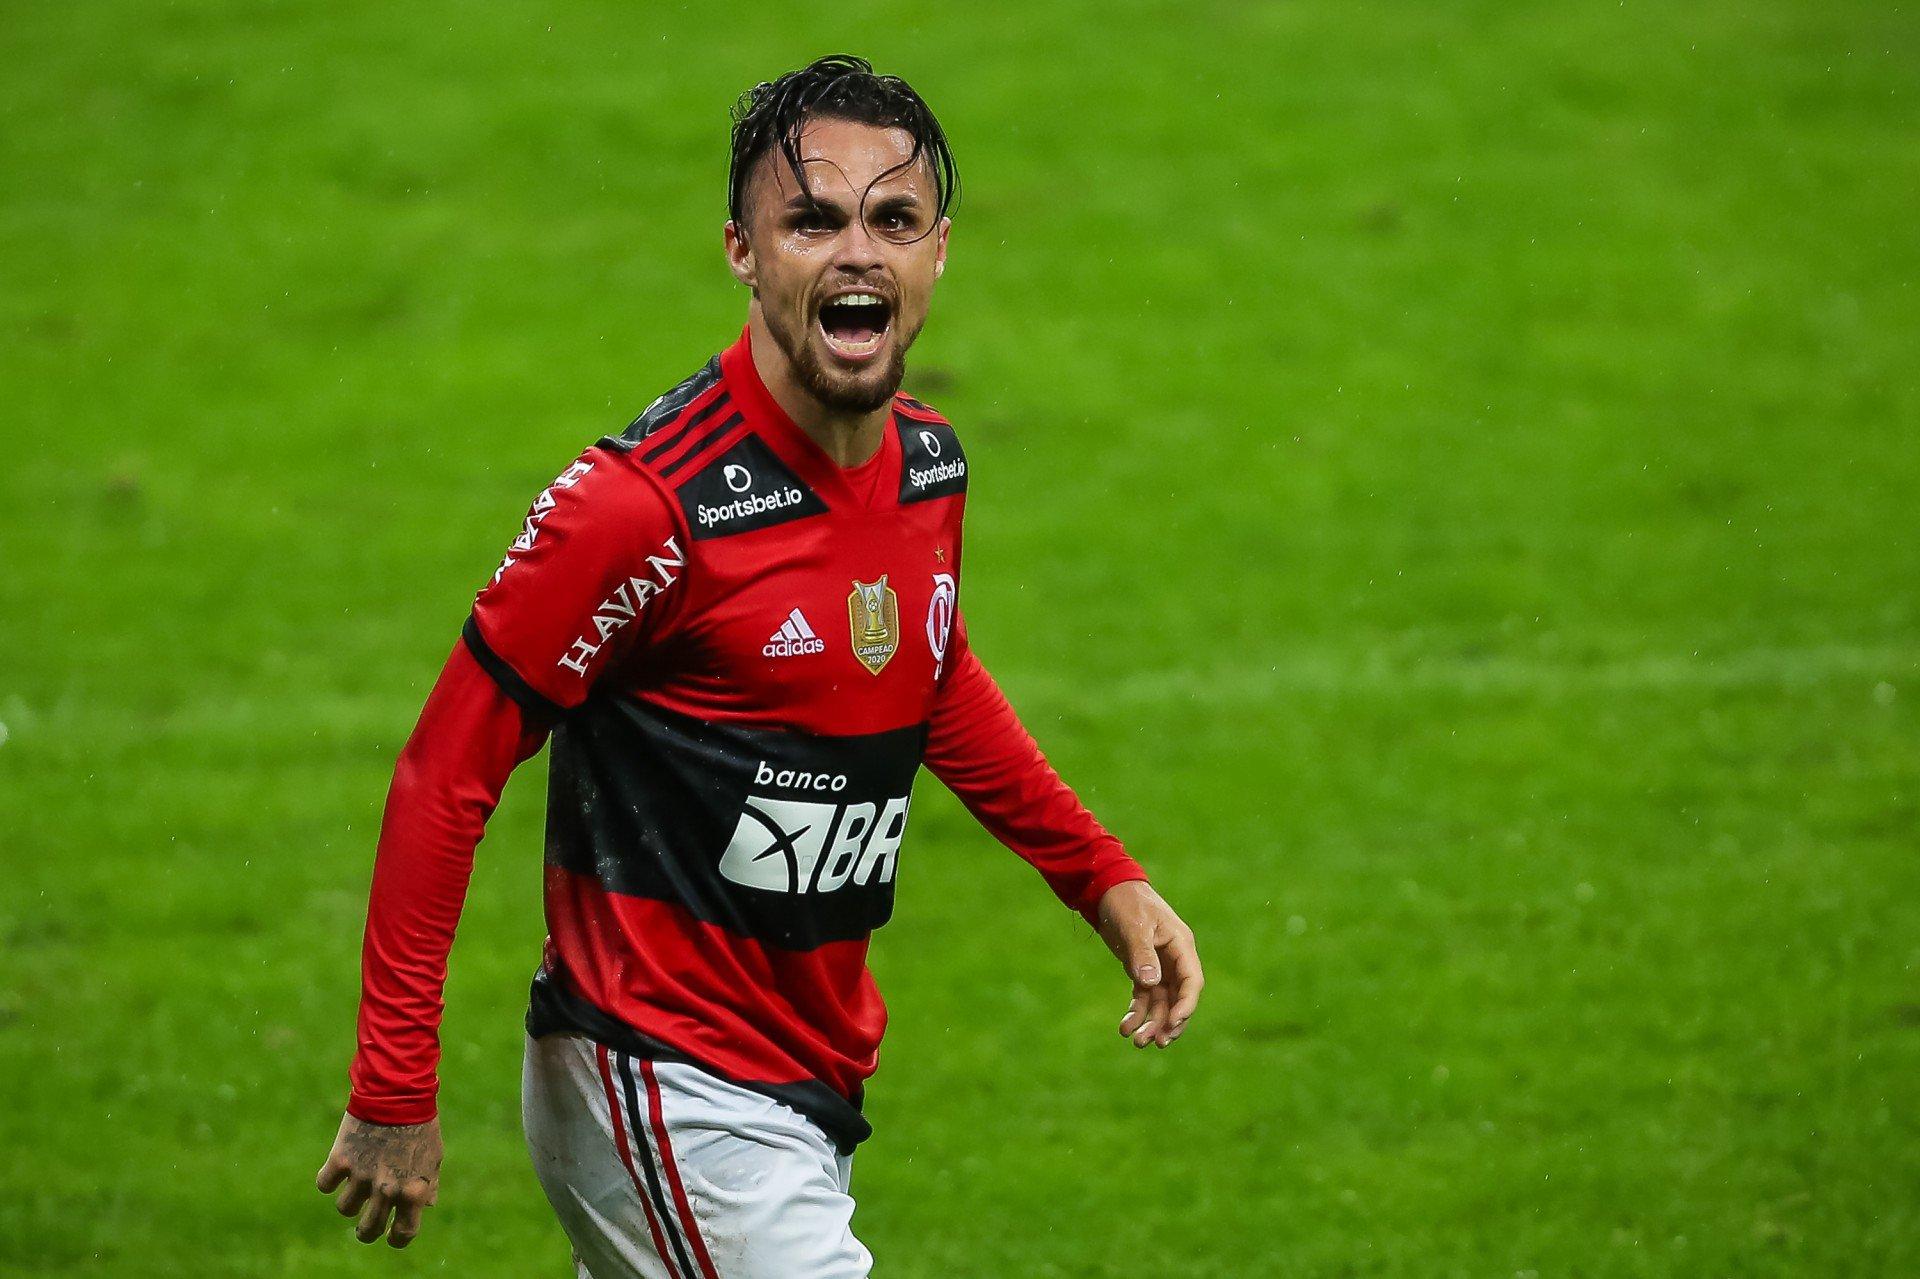 Flamengo está escalado com Michael entre os titulares e Léo Pereira no banco